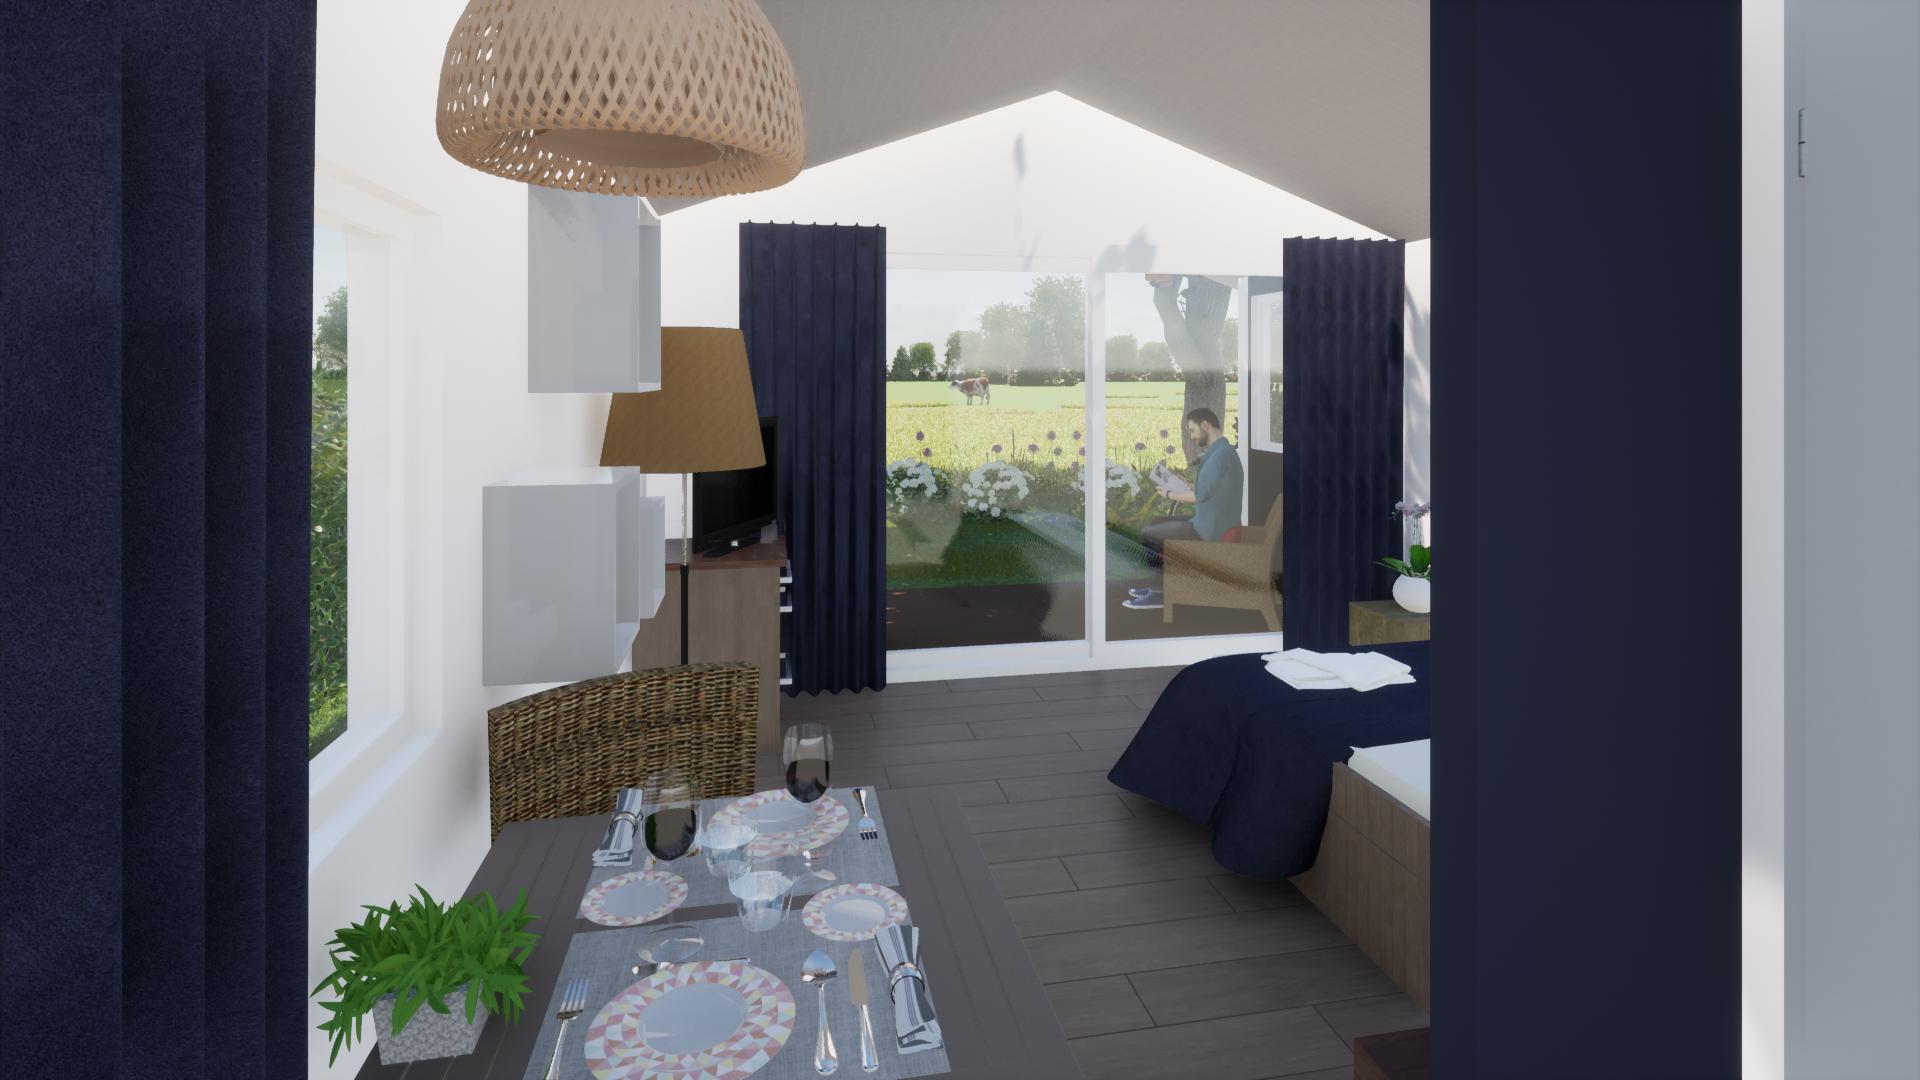 Binnenzijde welstaete suites met uitzicht bij Grenzeloos